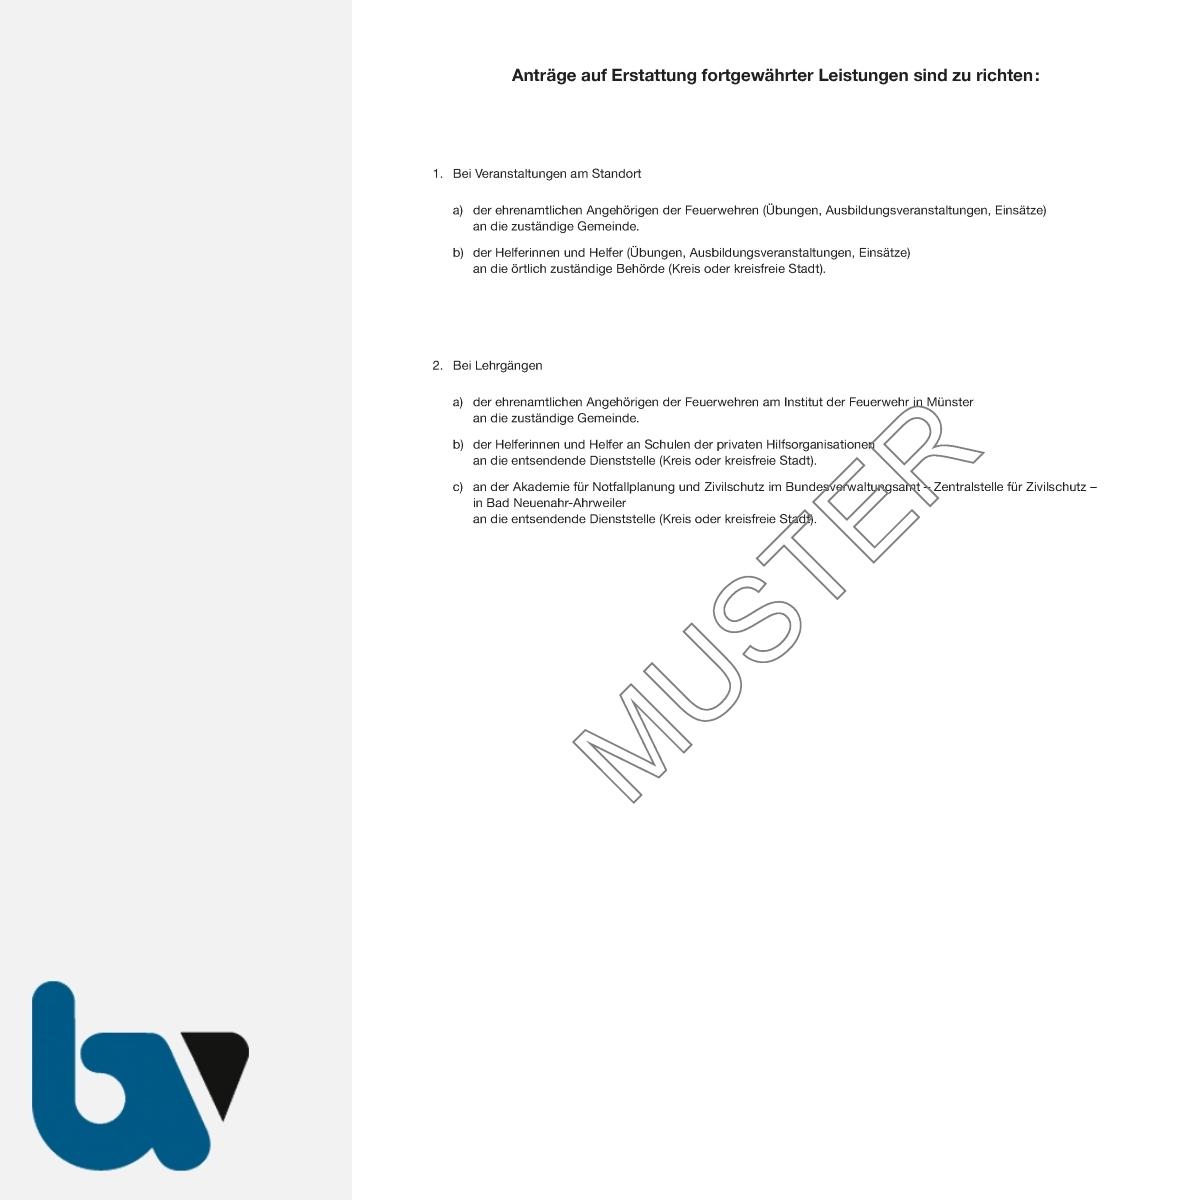 1/469-1 Antrag Erstattung fortgewährt Arbeitsverdienst Sozial Arbeitslosenversicherung sonstige Leistungen Feuerwehr NRW BHKG DIN A4 RS   Borgard Verlag GmbH